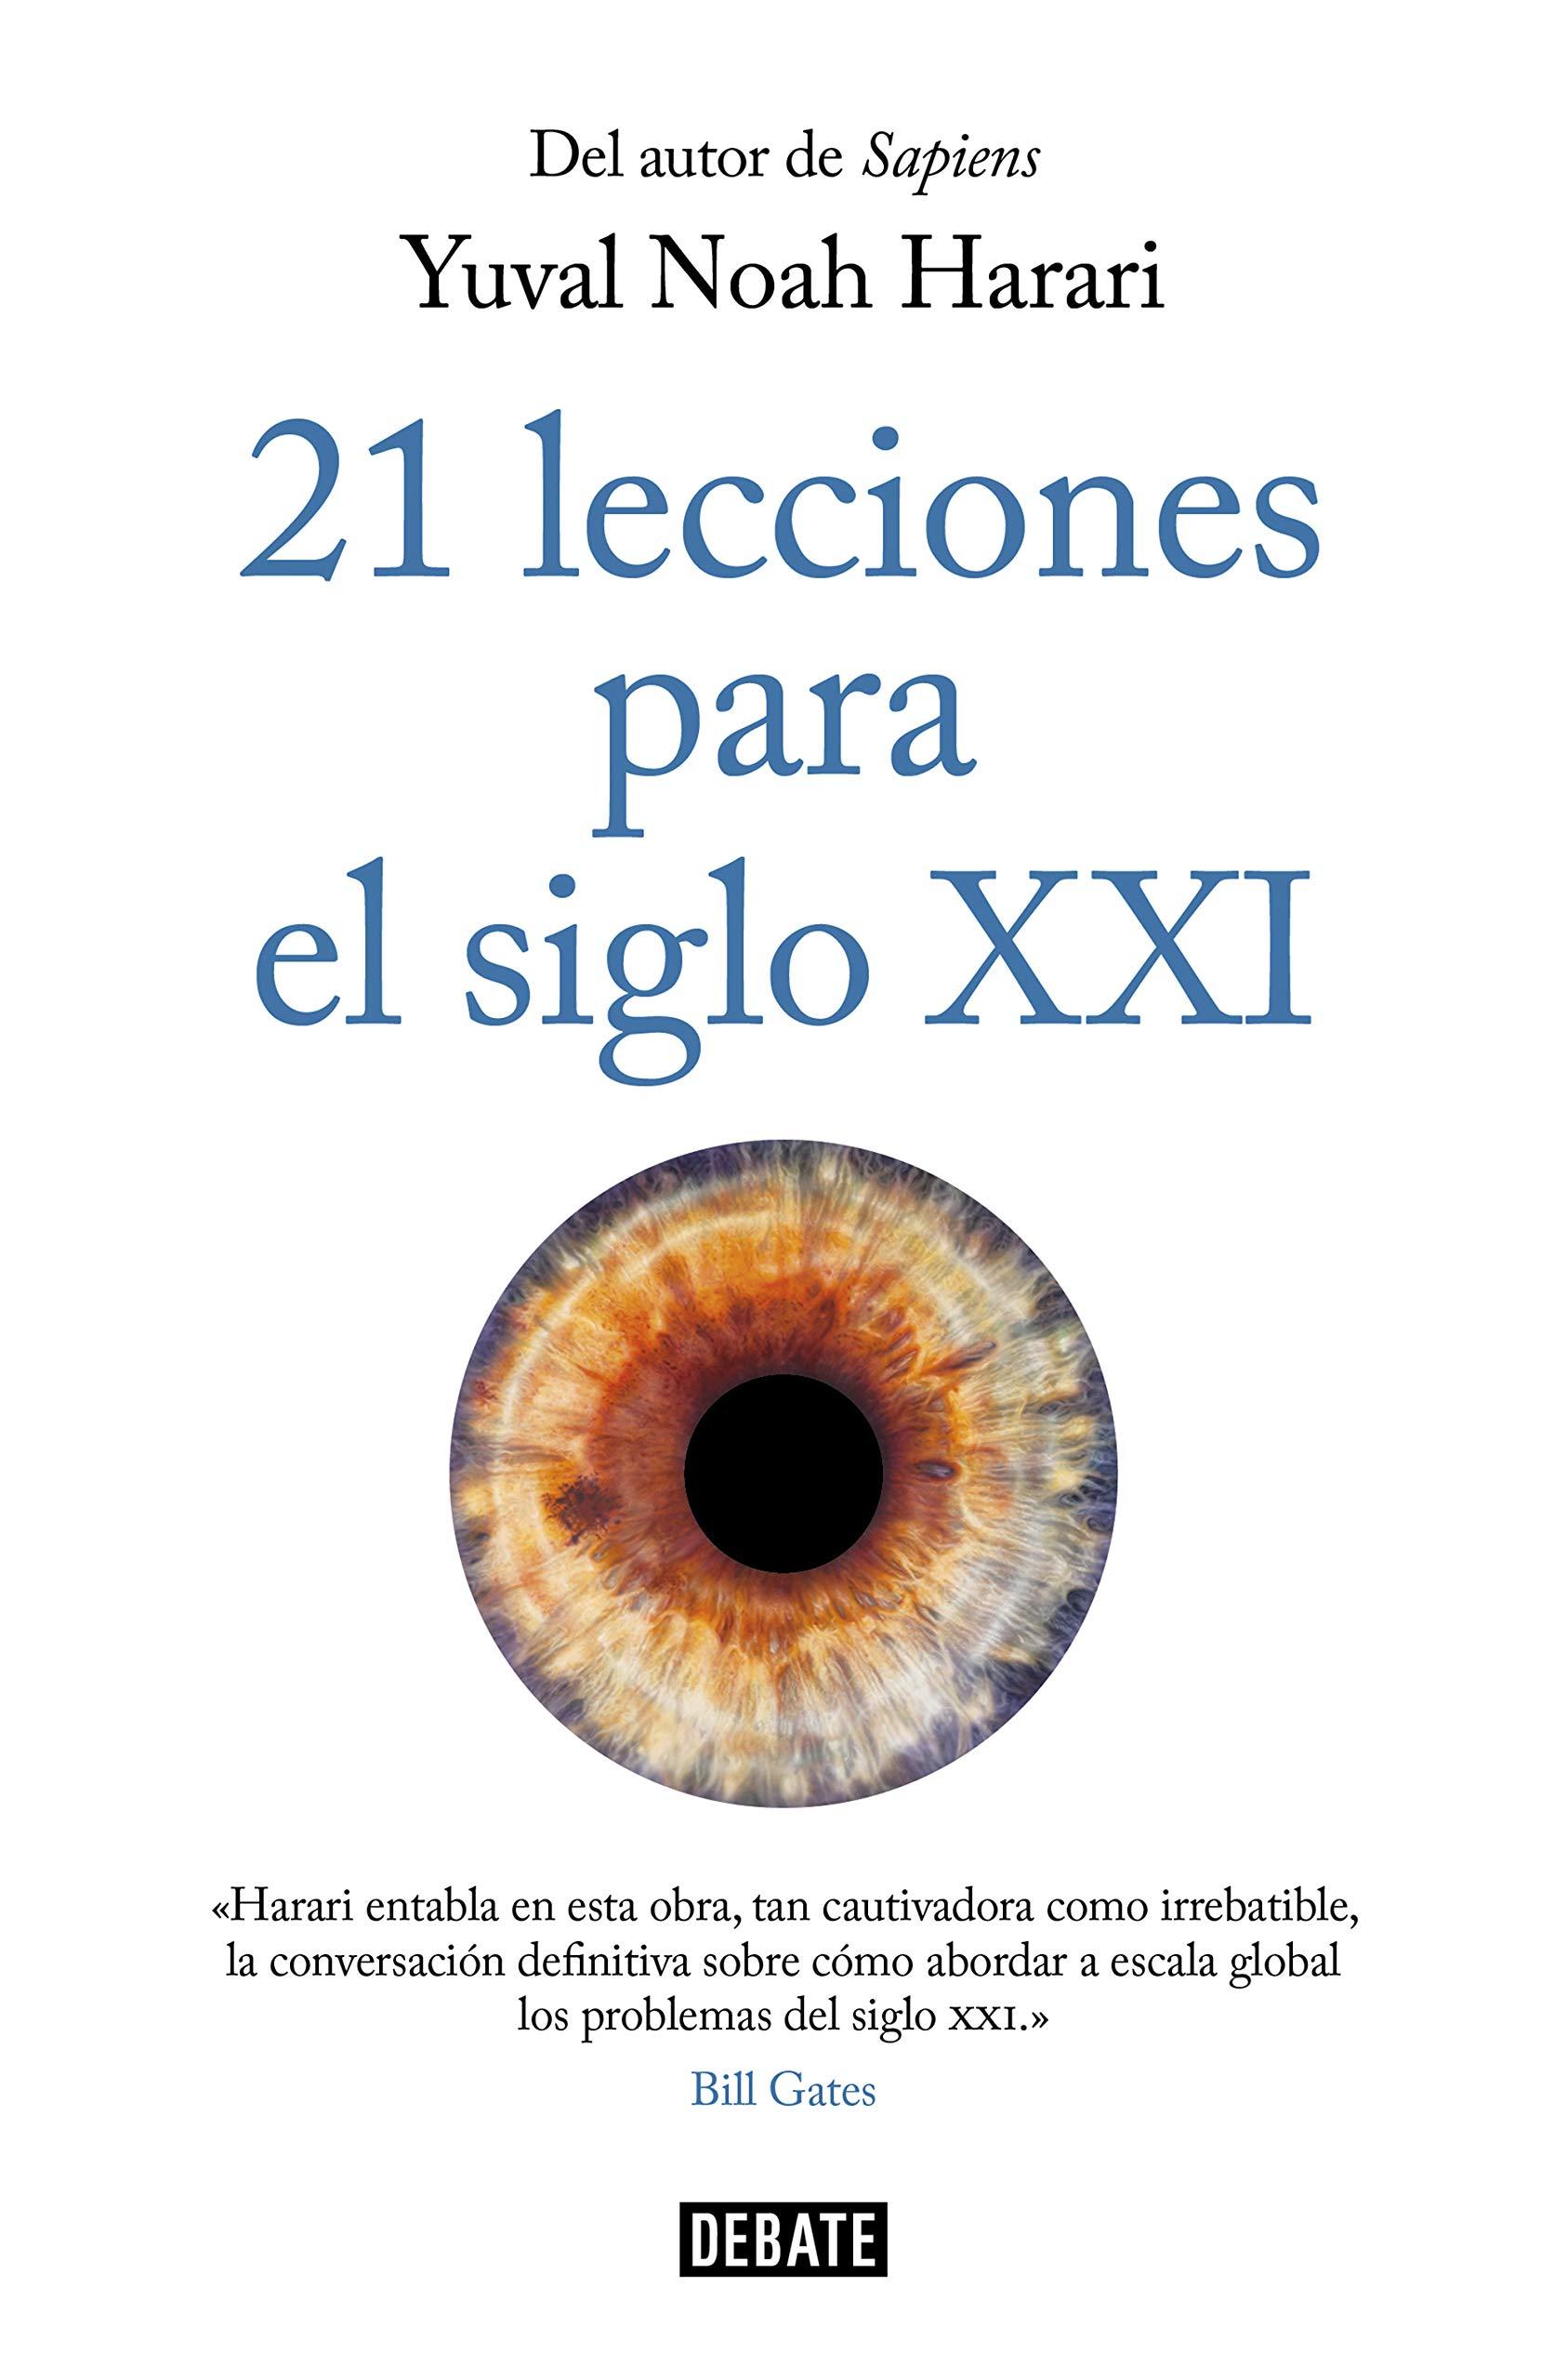 21 lecciones para el siglo XXI por Yuval Noah Harari